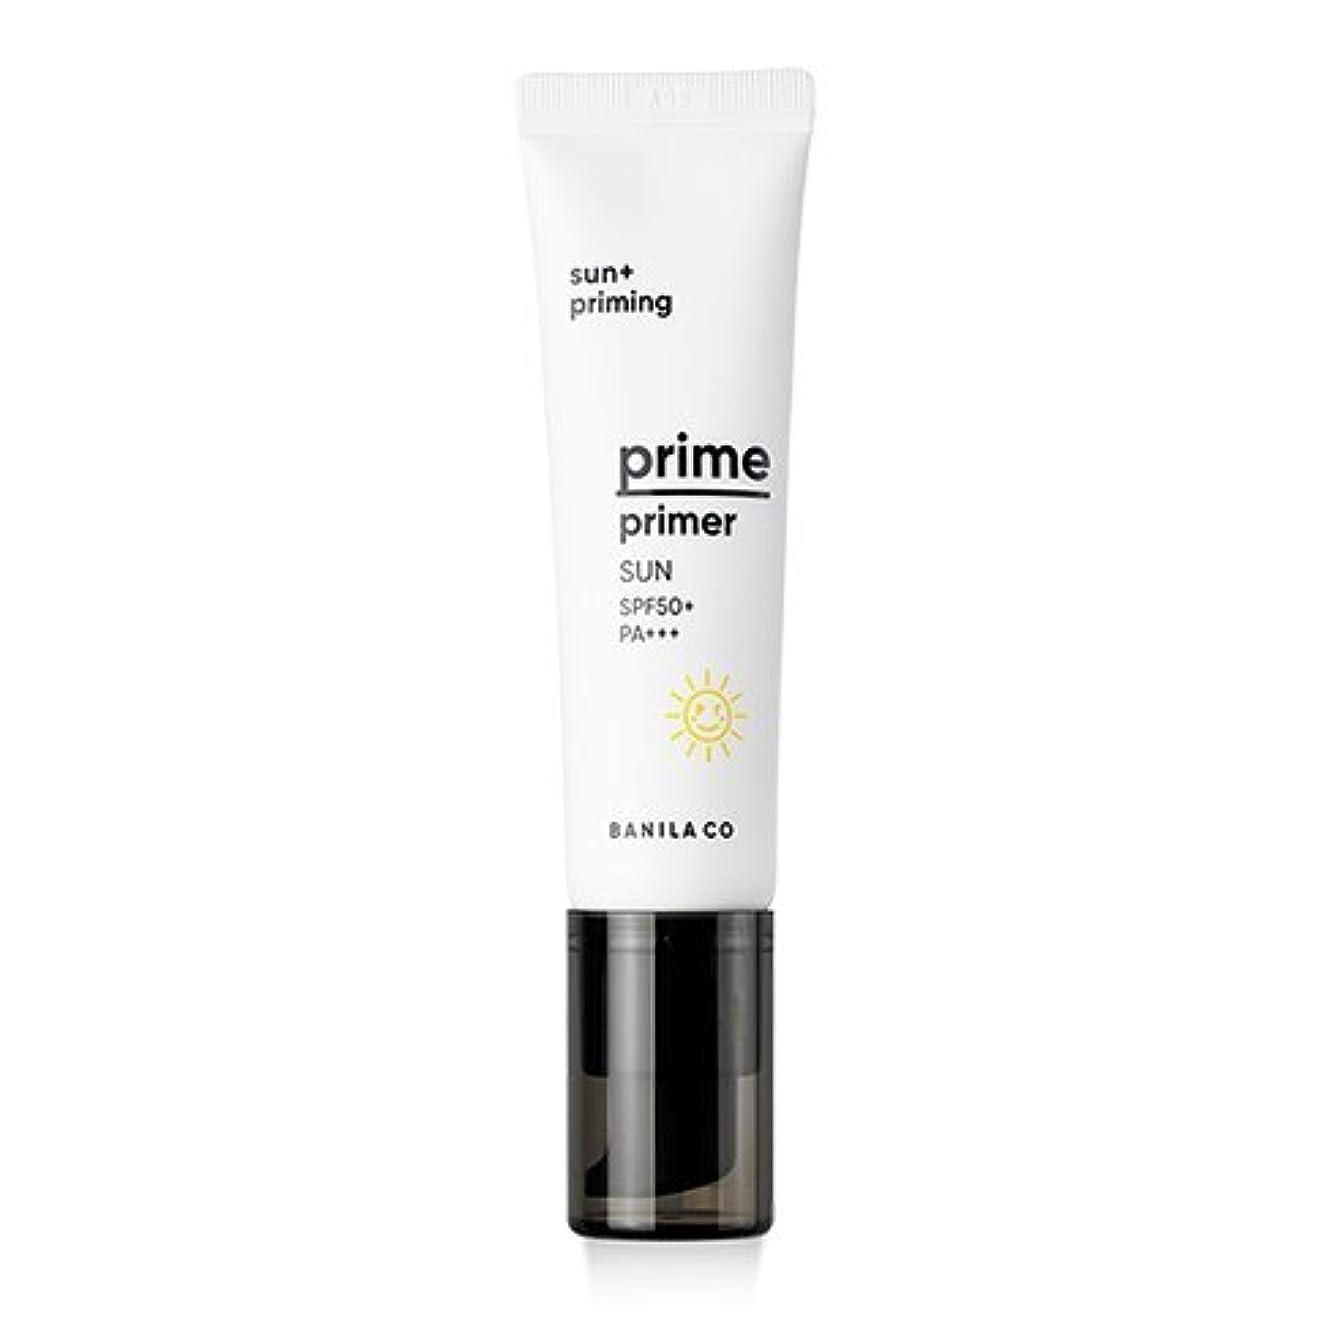 研究所振幅読む[Renewal] BANILA CO Prime Primer Sun 30ml/バニラコ プライム プライマー サン 30ml [並行輸入品]